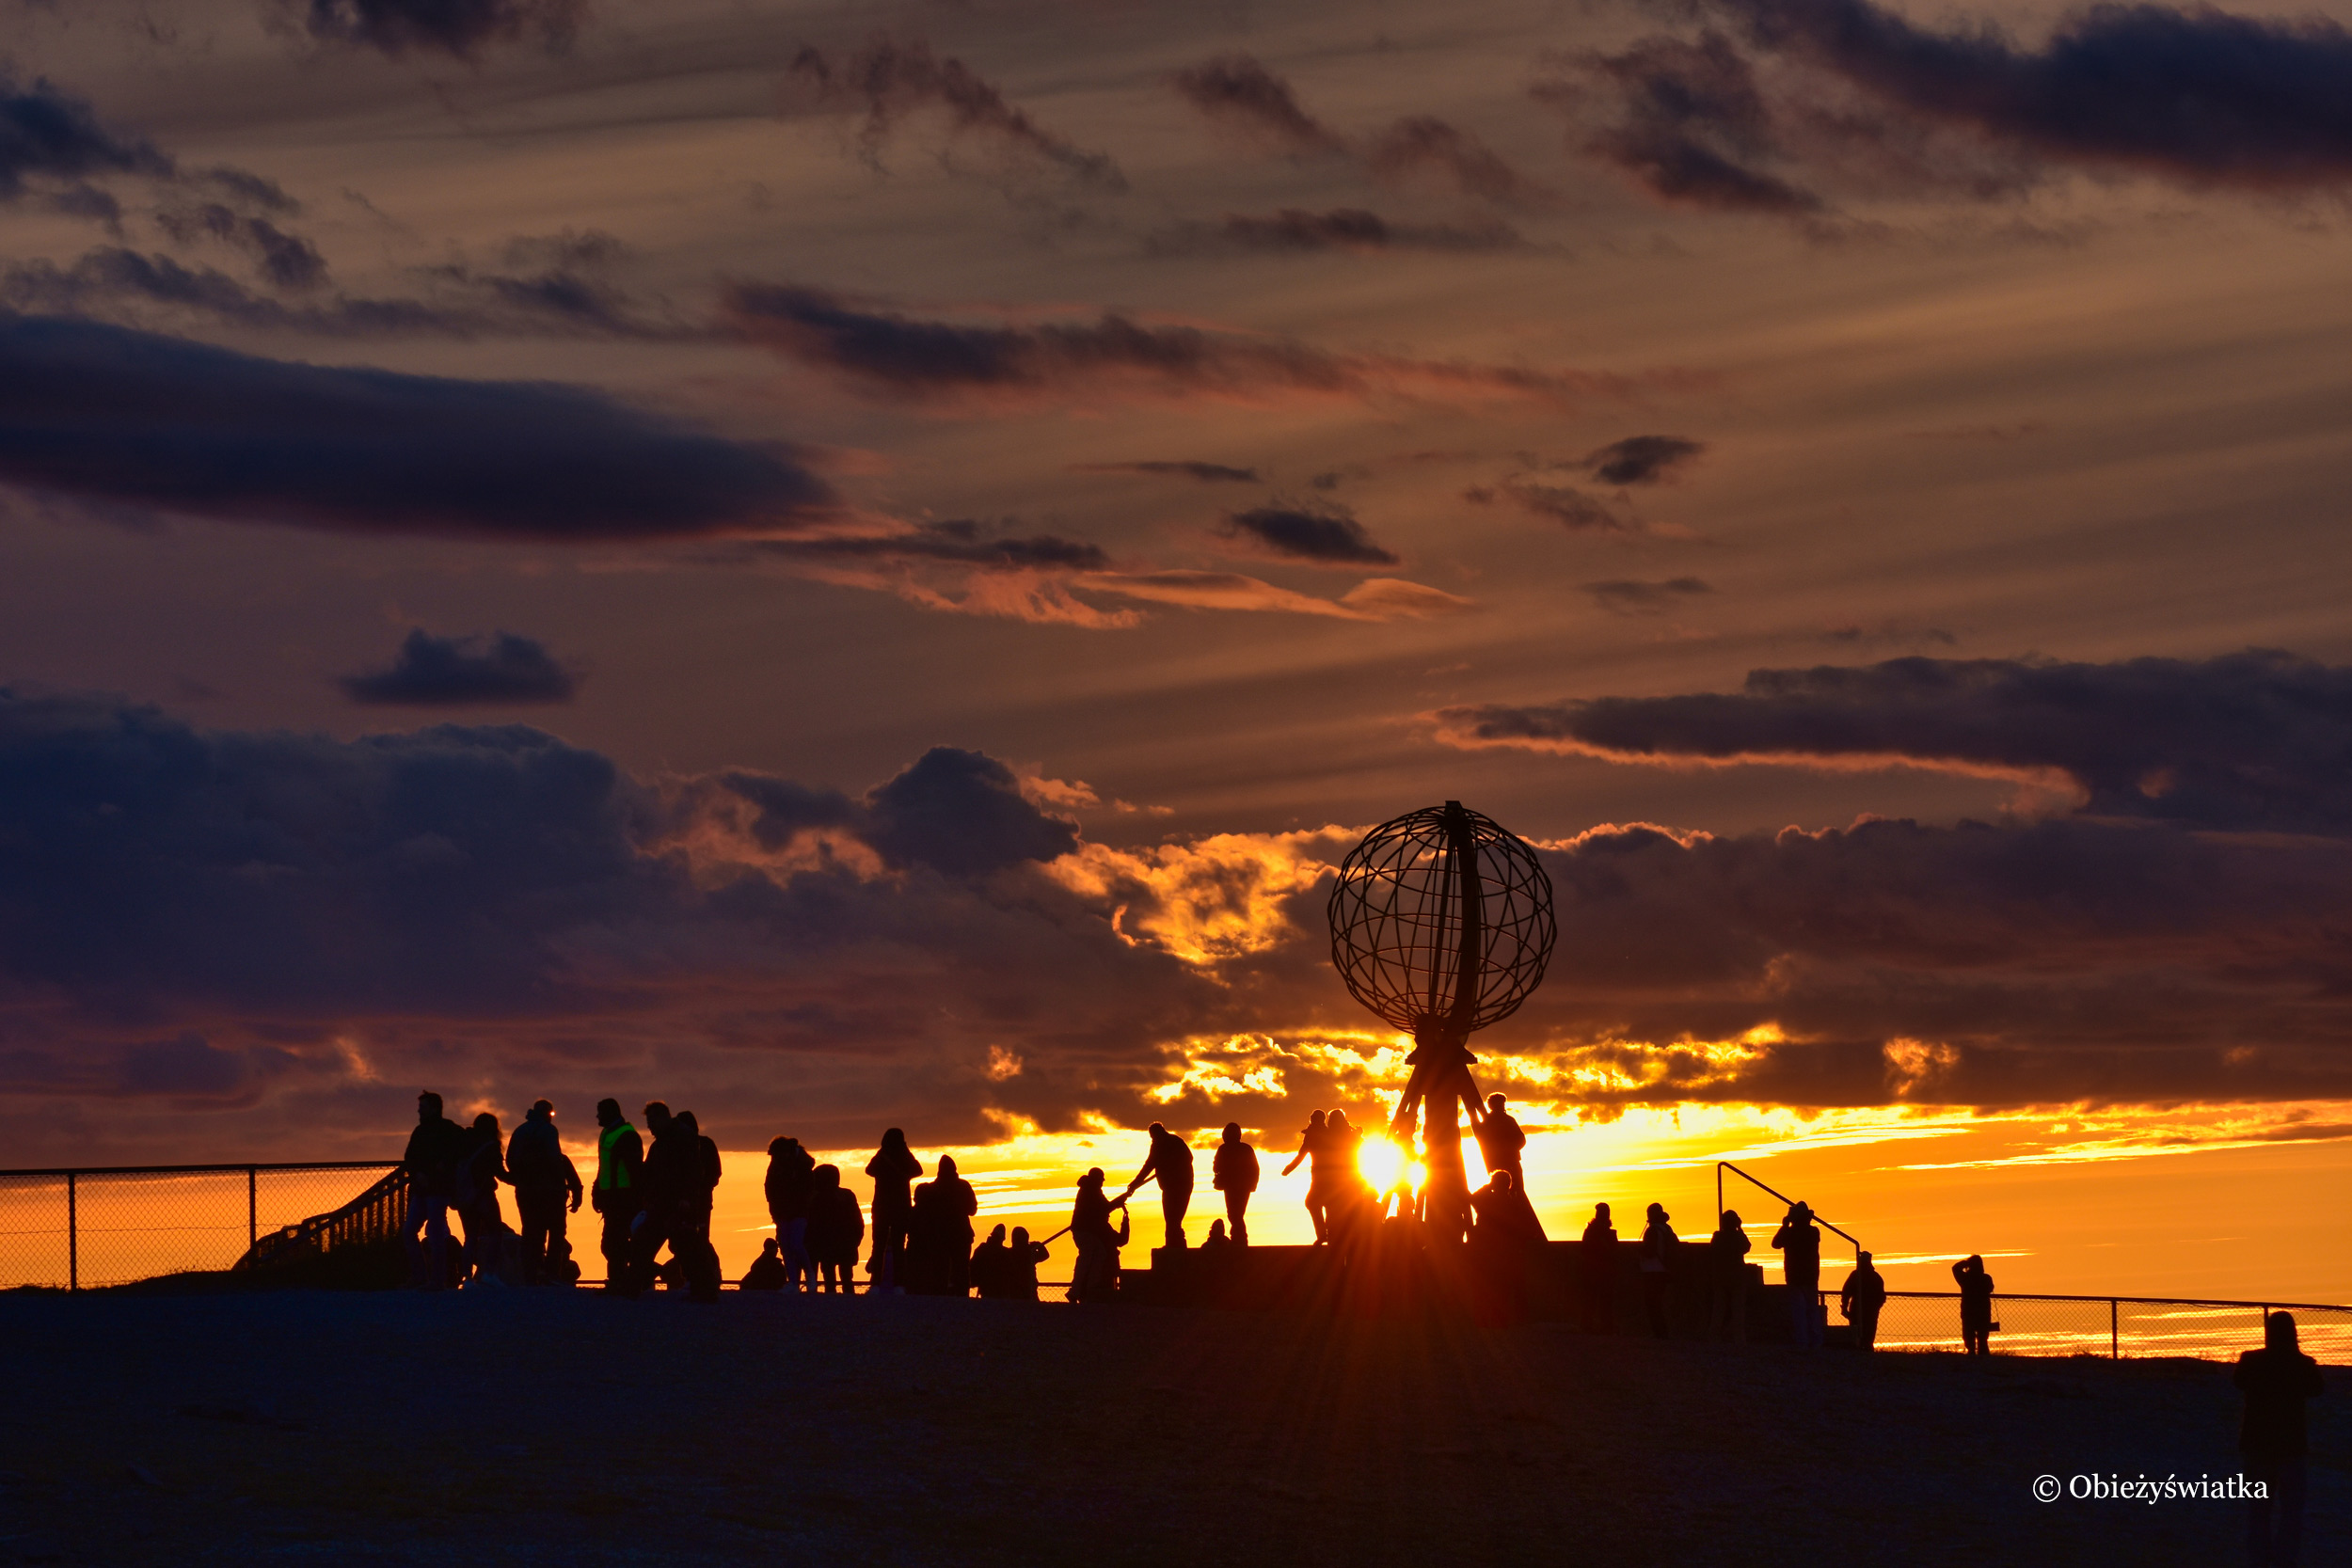 O zachodzie słońca, Nordkapp, Przylądek Północny